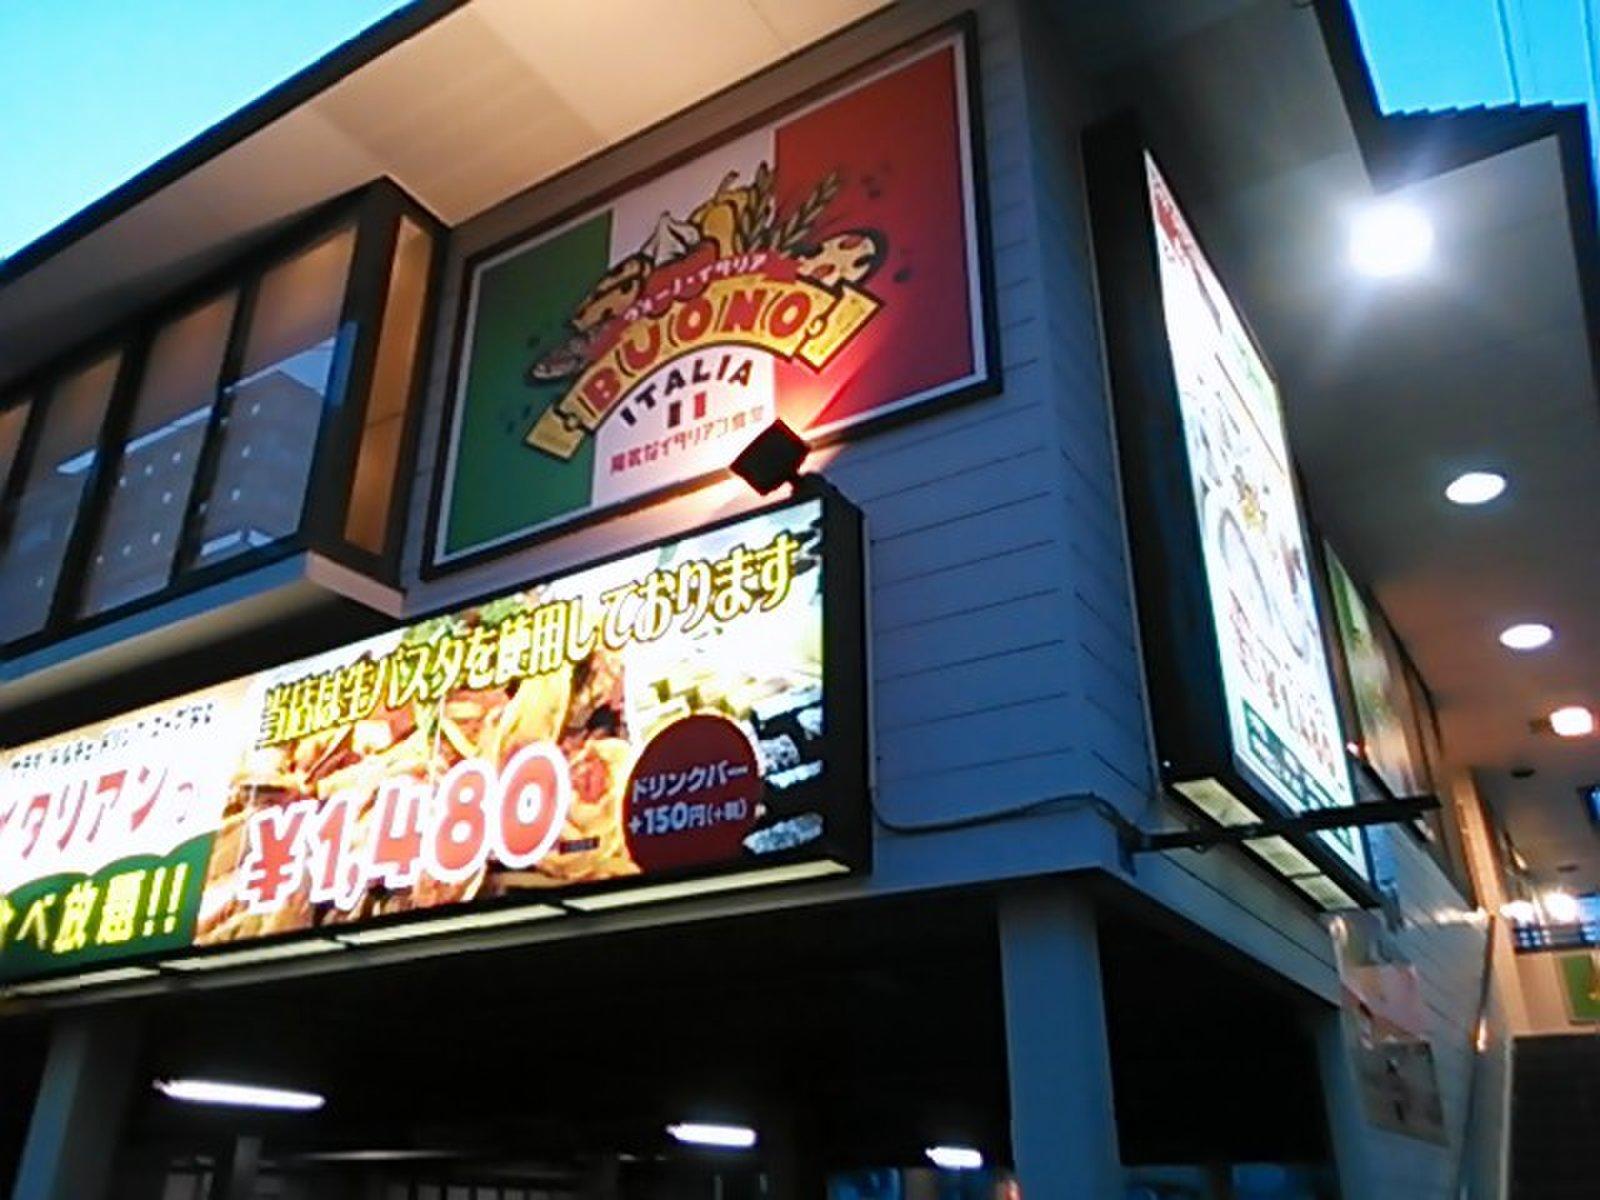 【閉店】ヴォーノ・イタリア 黒川店